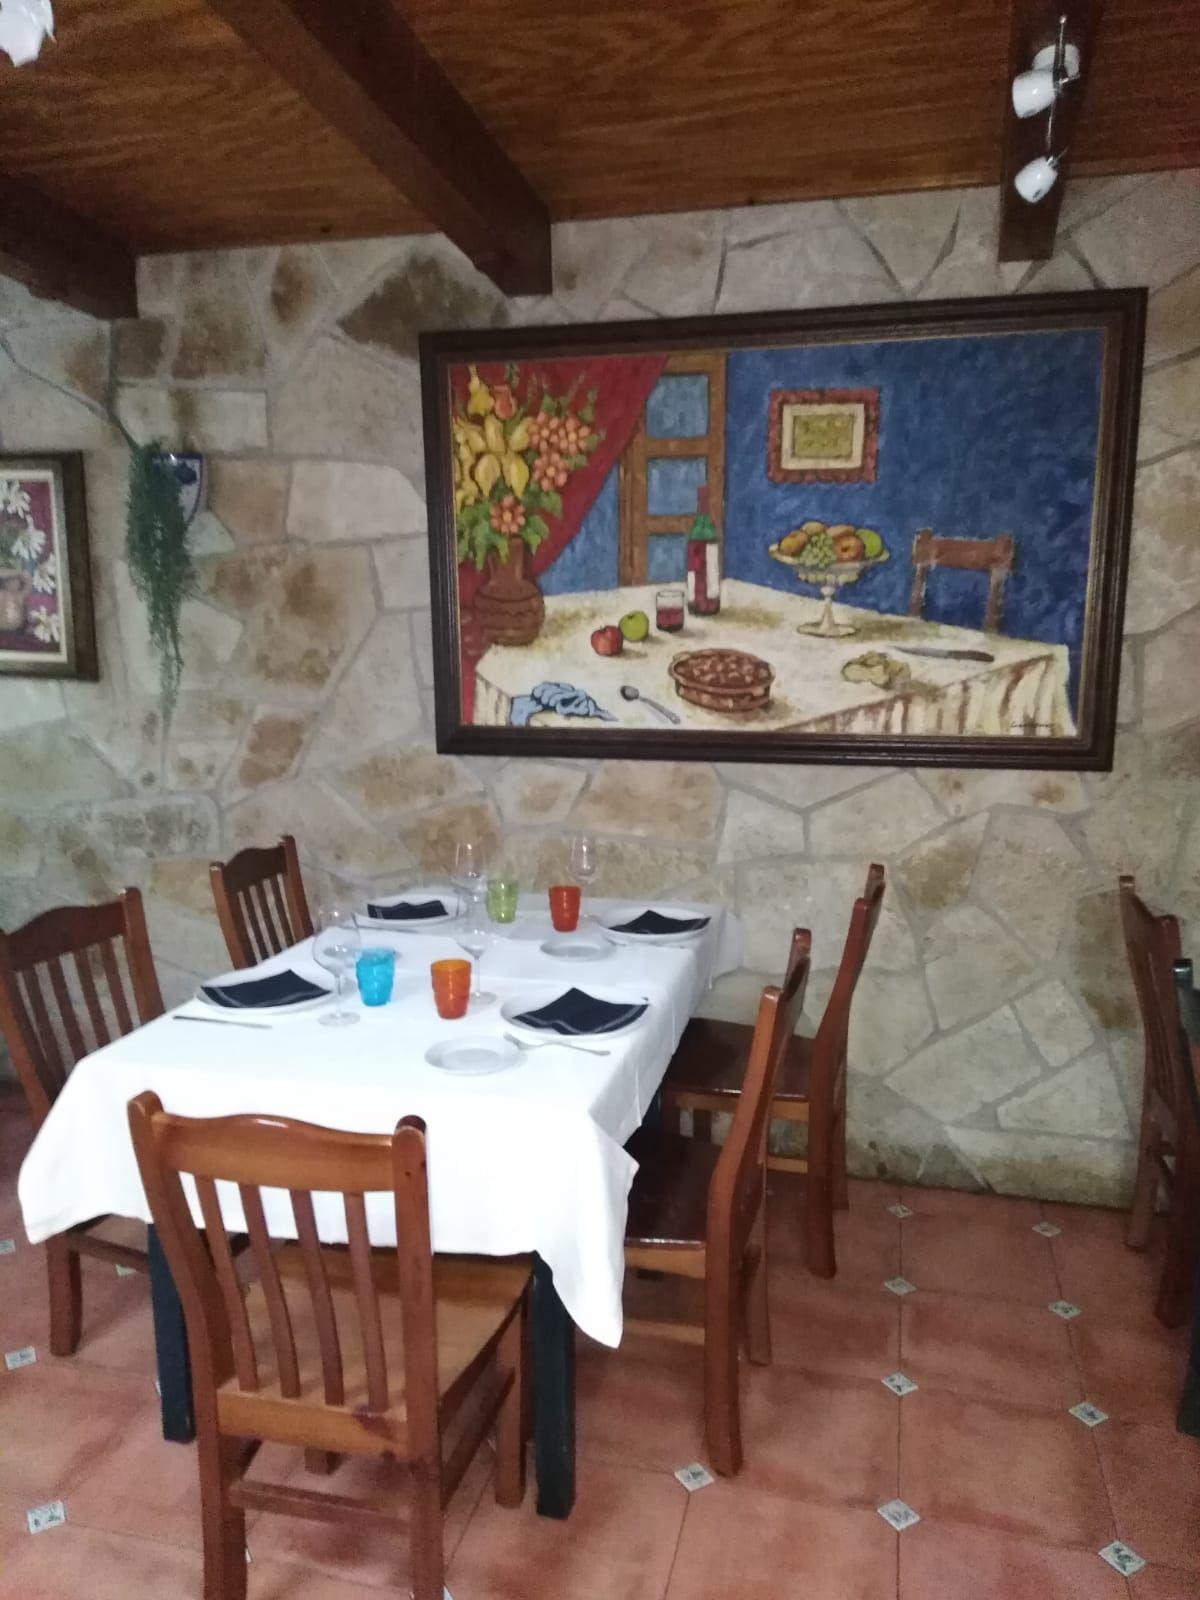 Foto 2 de Cocina tradicional asturiana en  | CASA CARREÑO CON LOS FOGONES DE DANI